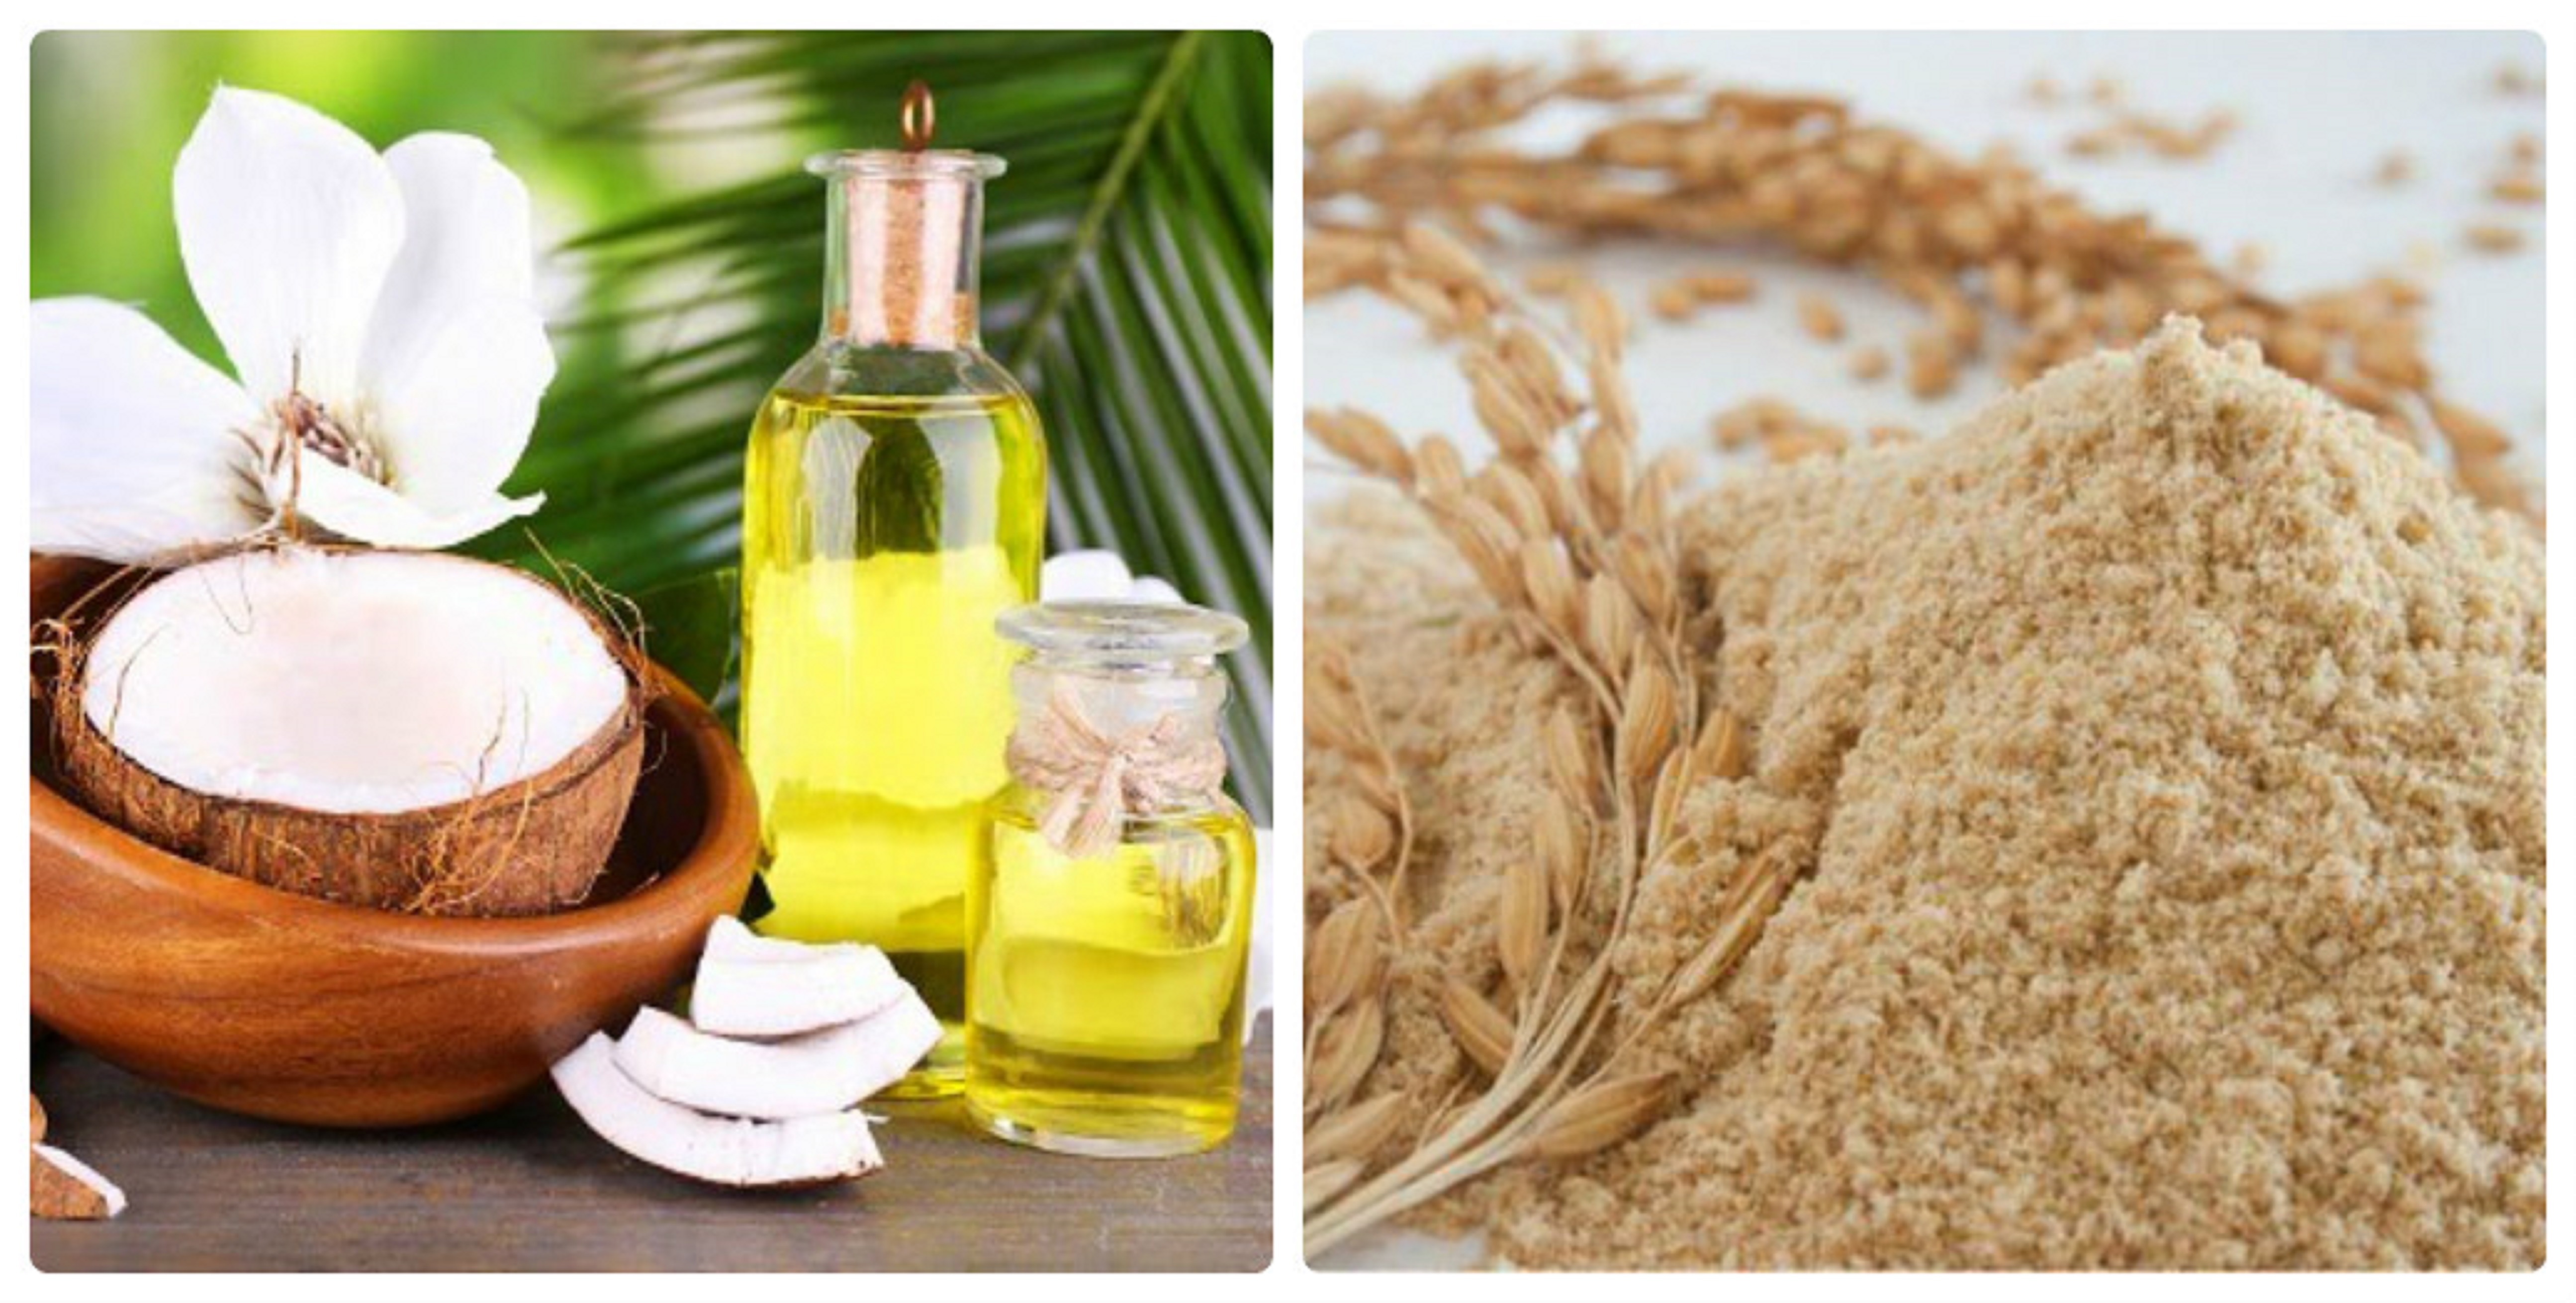 Trị nám da hiệu quả bằng dầu dừa và bột cám gạo